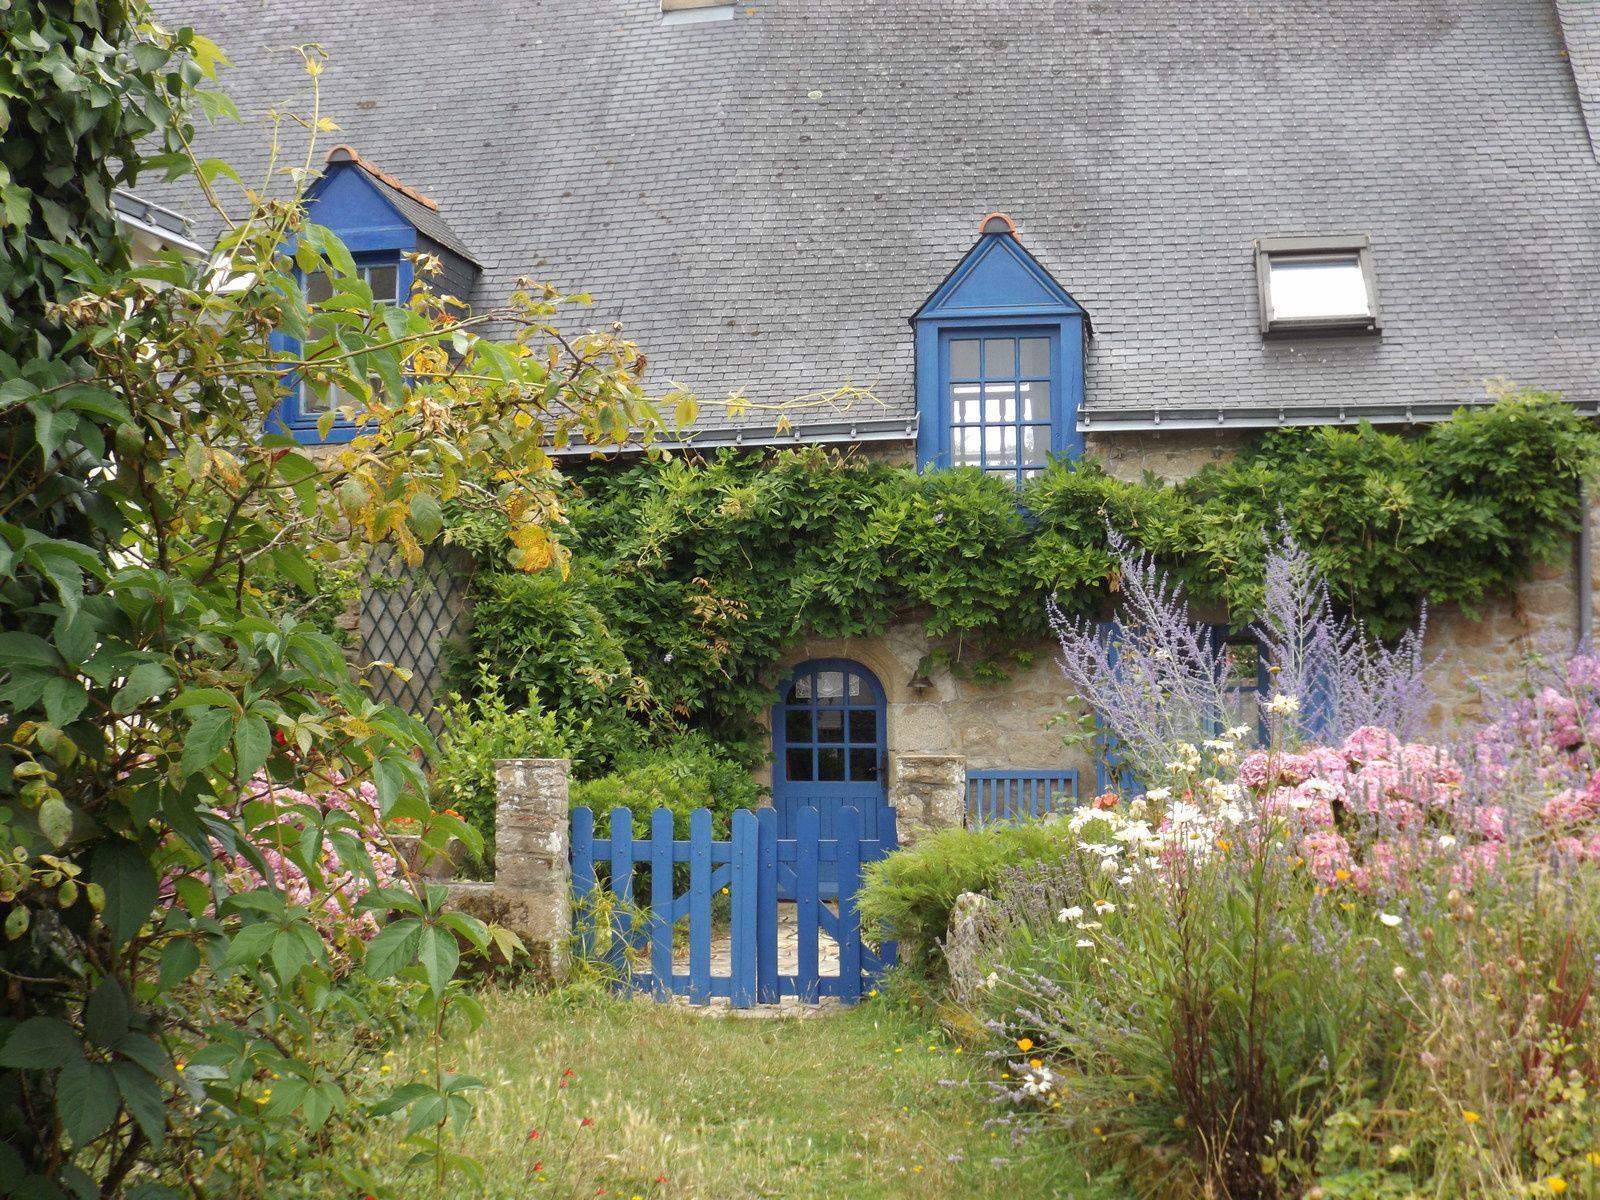 Maison bretonne sur l'île d'Arz dans le Golfe du Morbihan